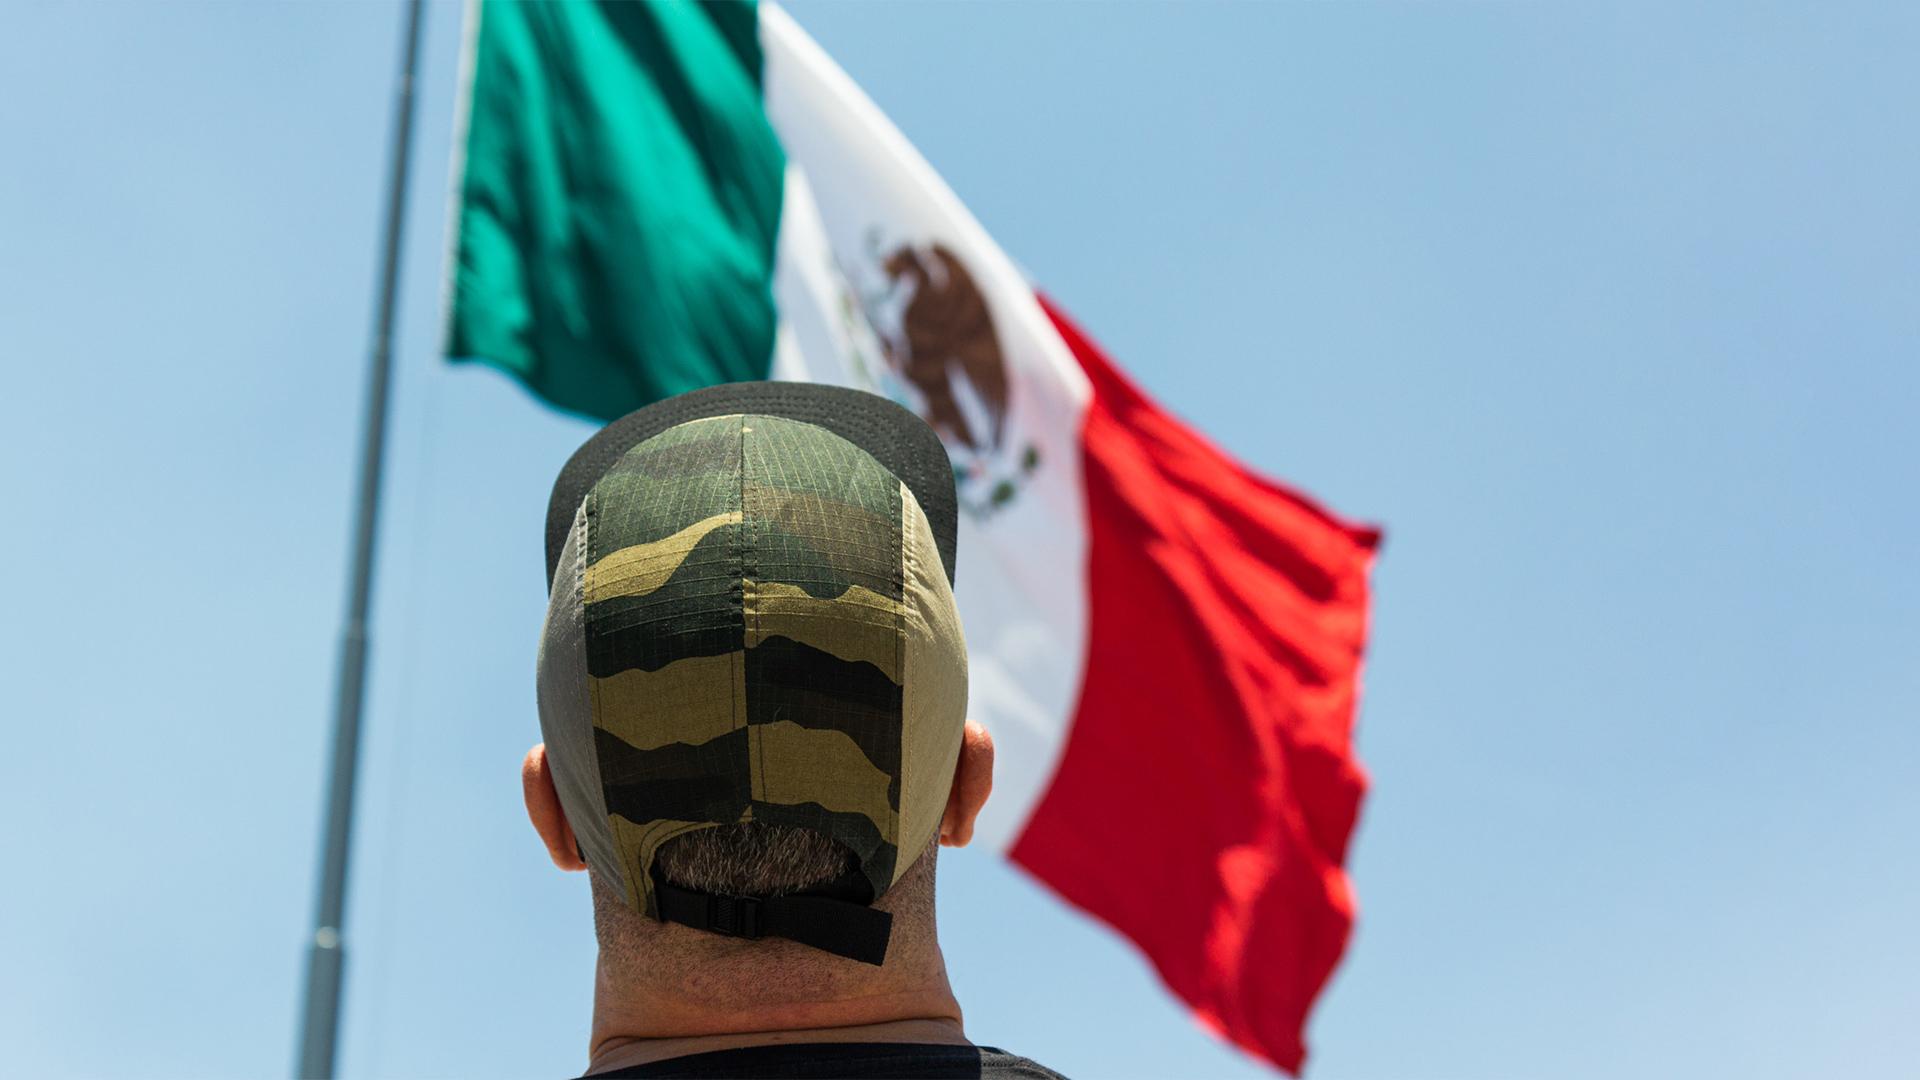 Ciudad de México. Sneakers, su consumidor y mis conclusiones